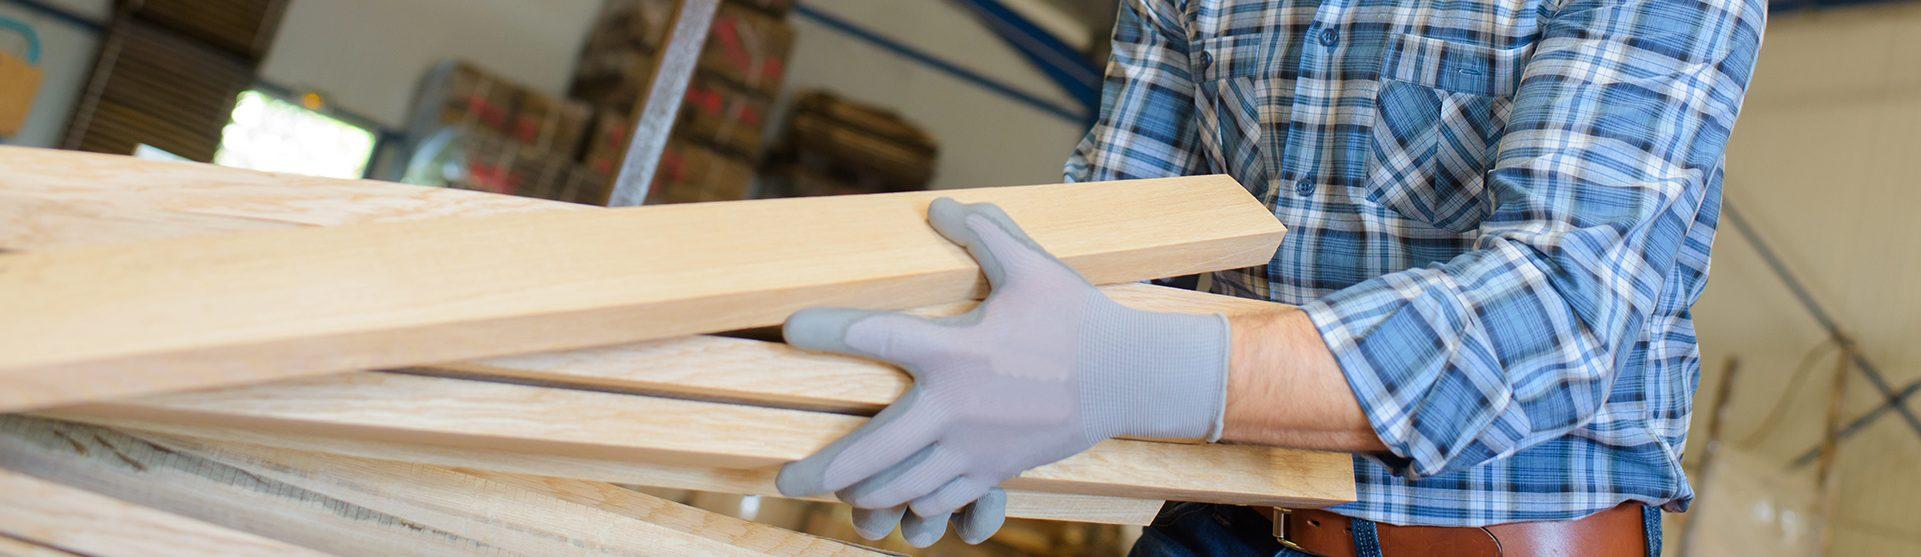 Een man met werkhandschoenen aan verplaatst hout in de werkplaats